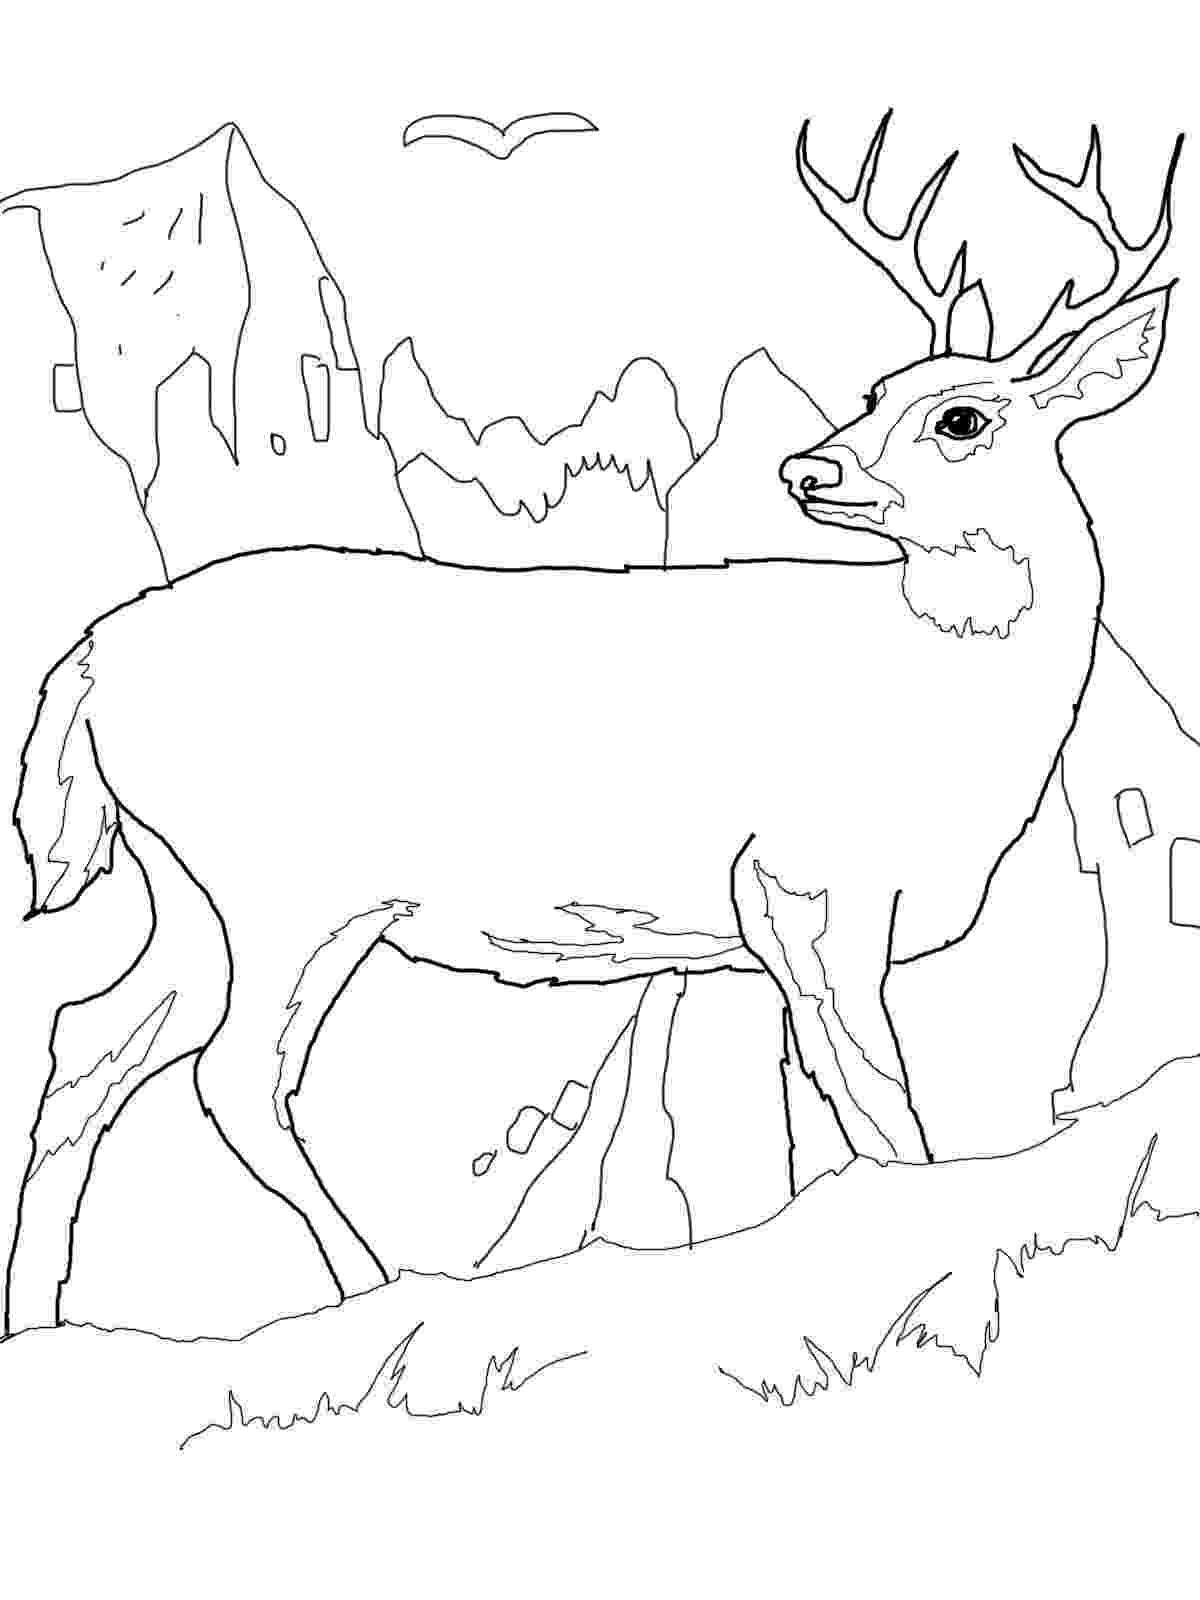 deer coloring sheet free printable deer coloring pages for kids deer coloring sheet